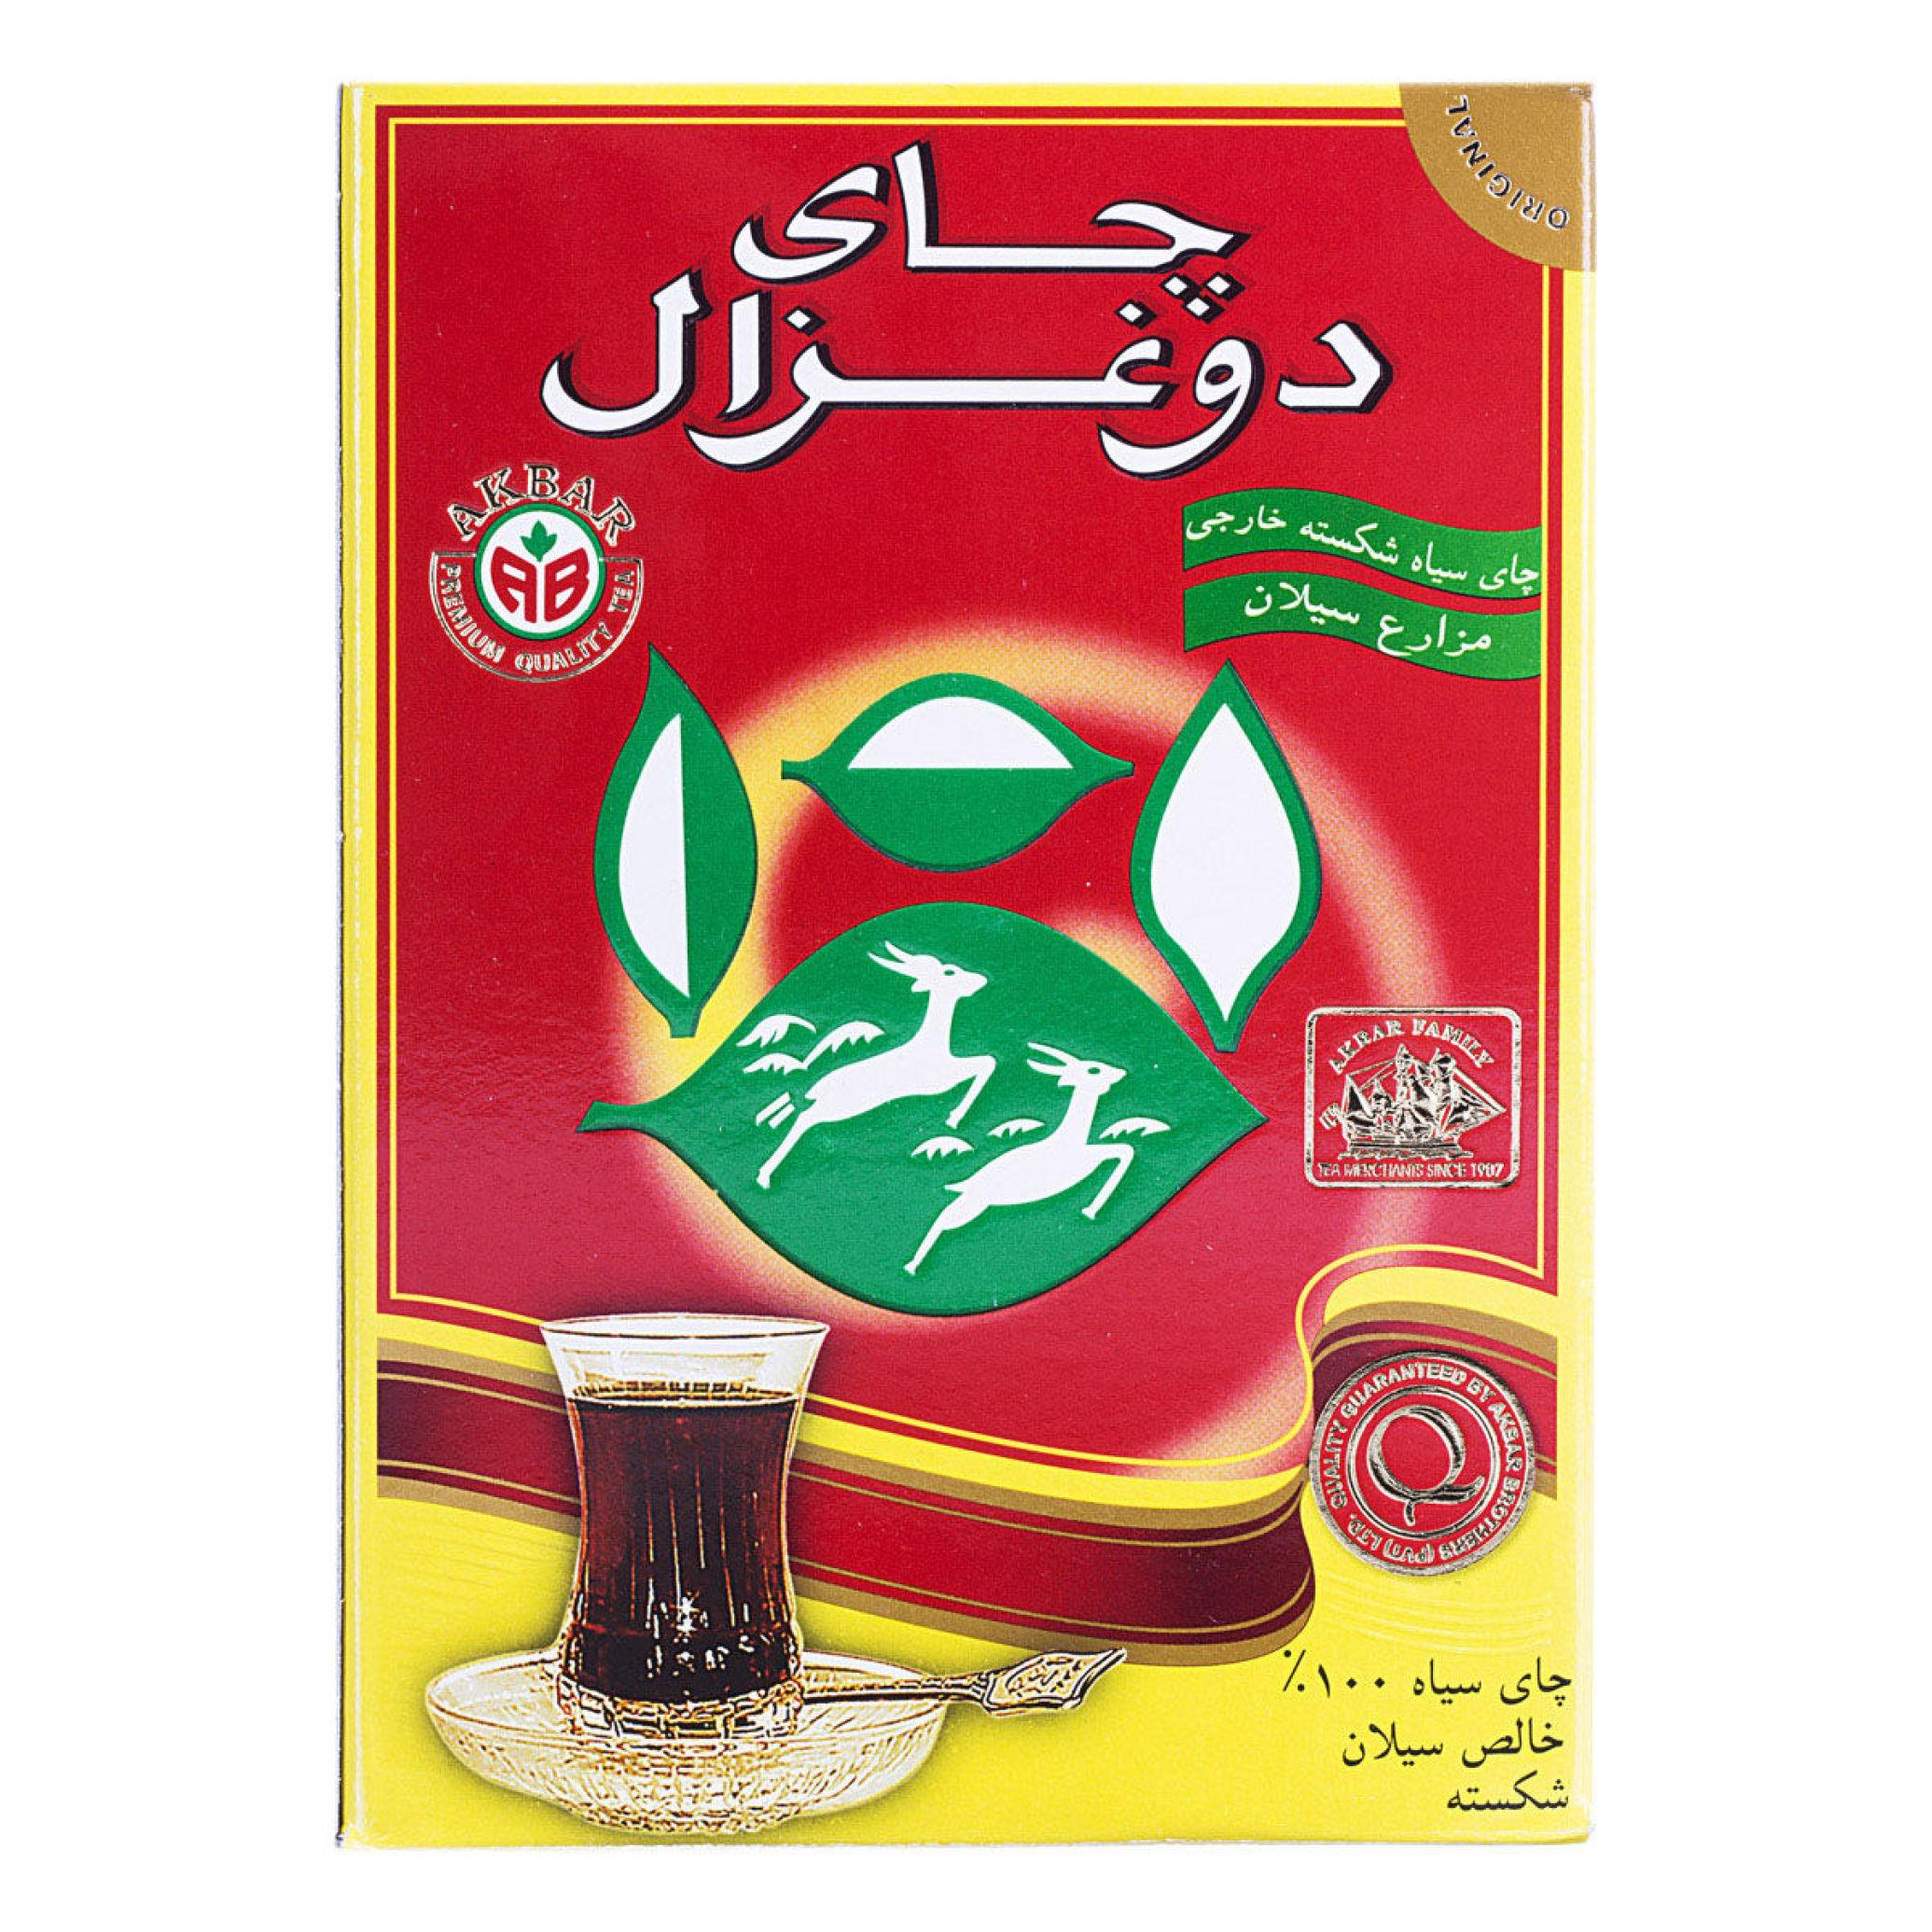 چای سیاه شکسته دوغزال بدون عطر 100 گرم خرید انلاین وجیسنک ساده خرید اینترنتی چای دمنوش میوه خشک شکلات داغ زیر قیمت بازار